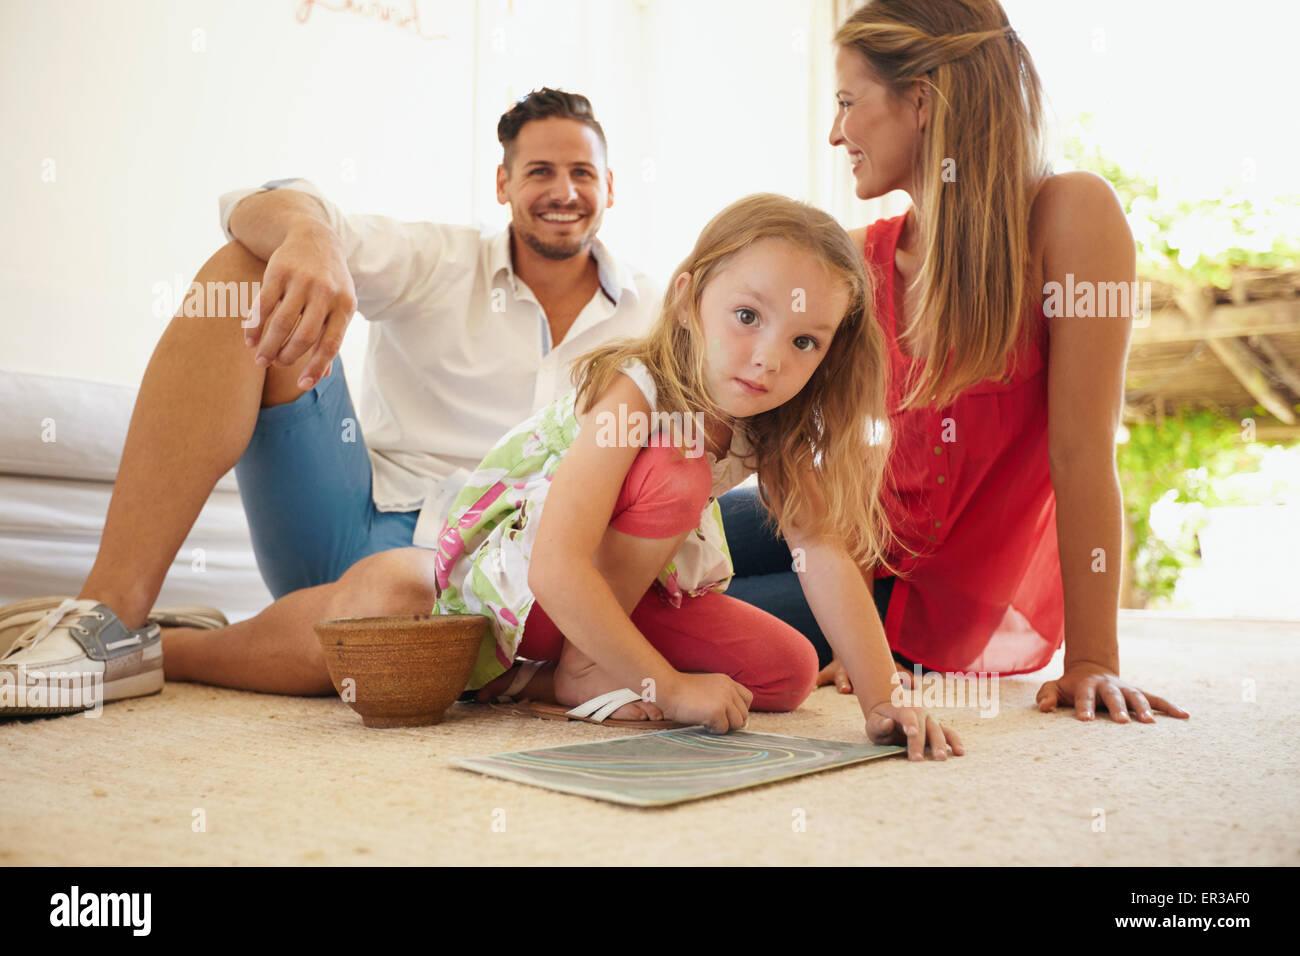 Innenaufnahme der niedliche kleine Mädchen malen mit ihren Eltern sitzen hinter ihr. Familie, sitzen auf dem Stockbild